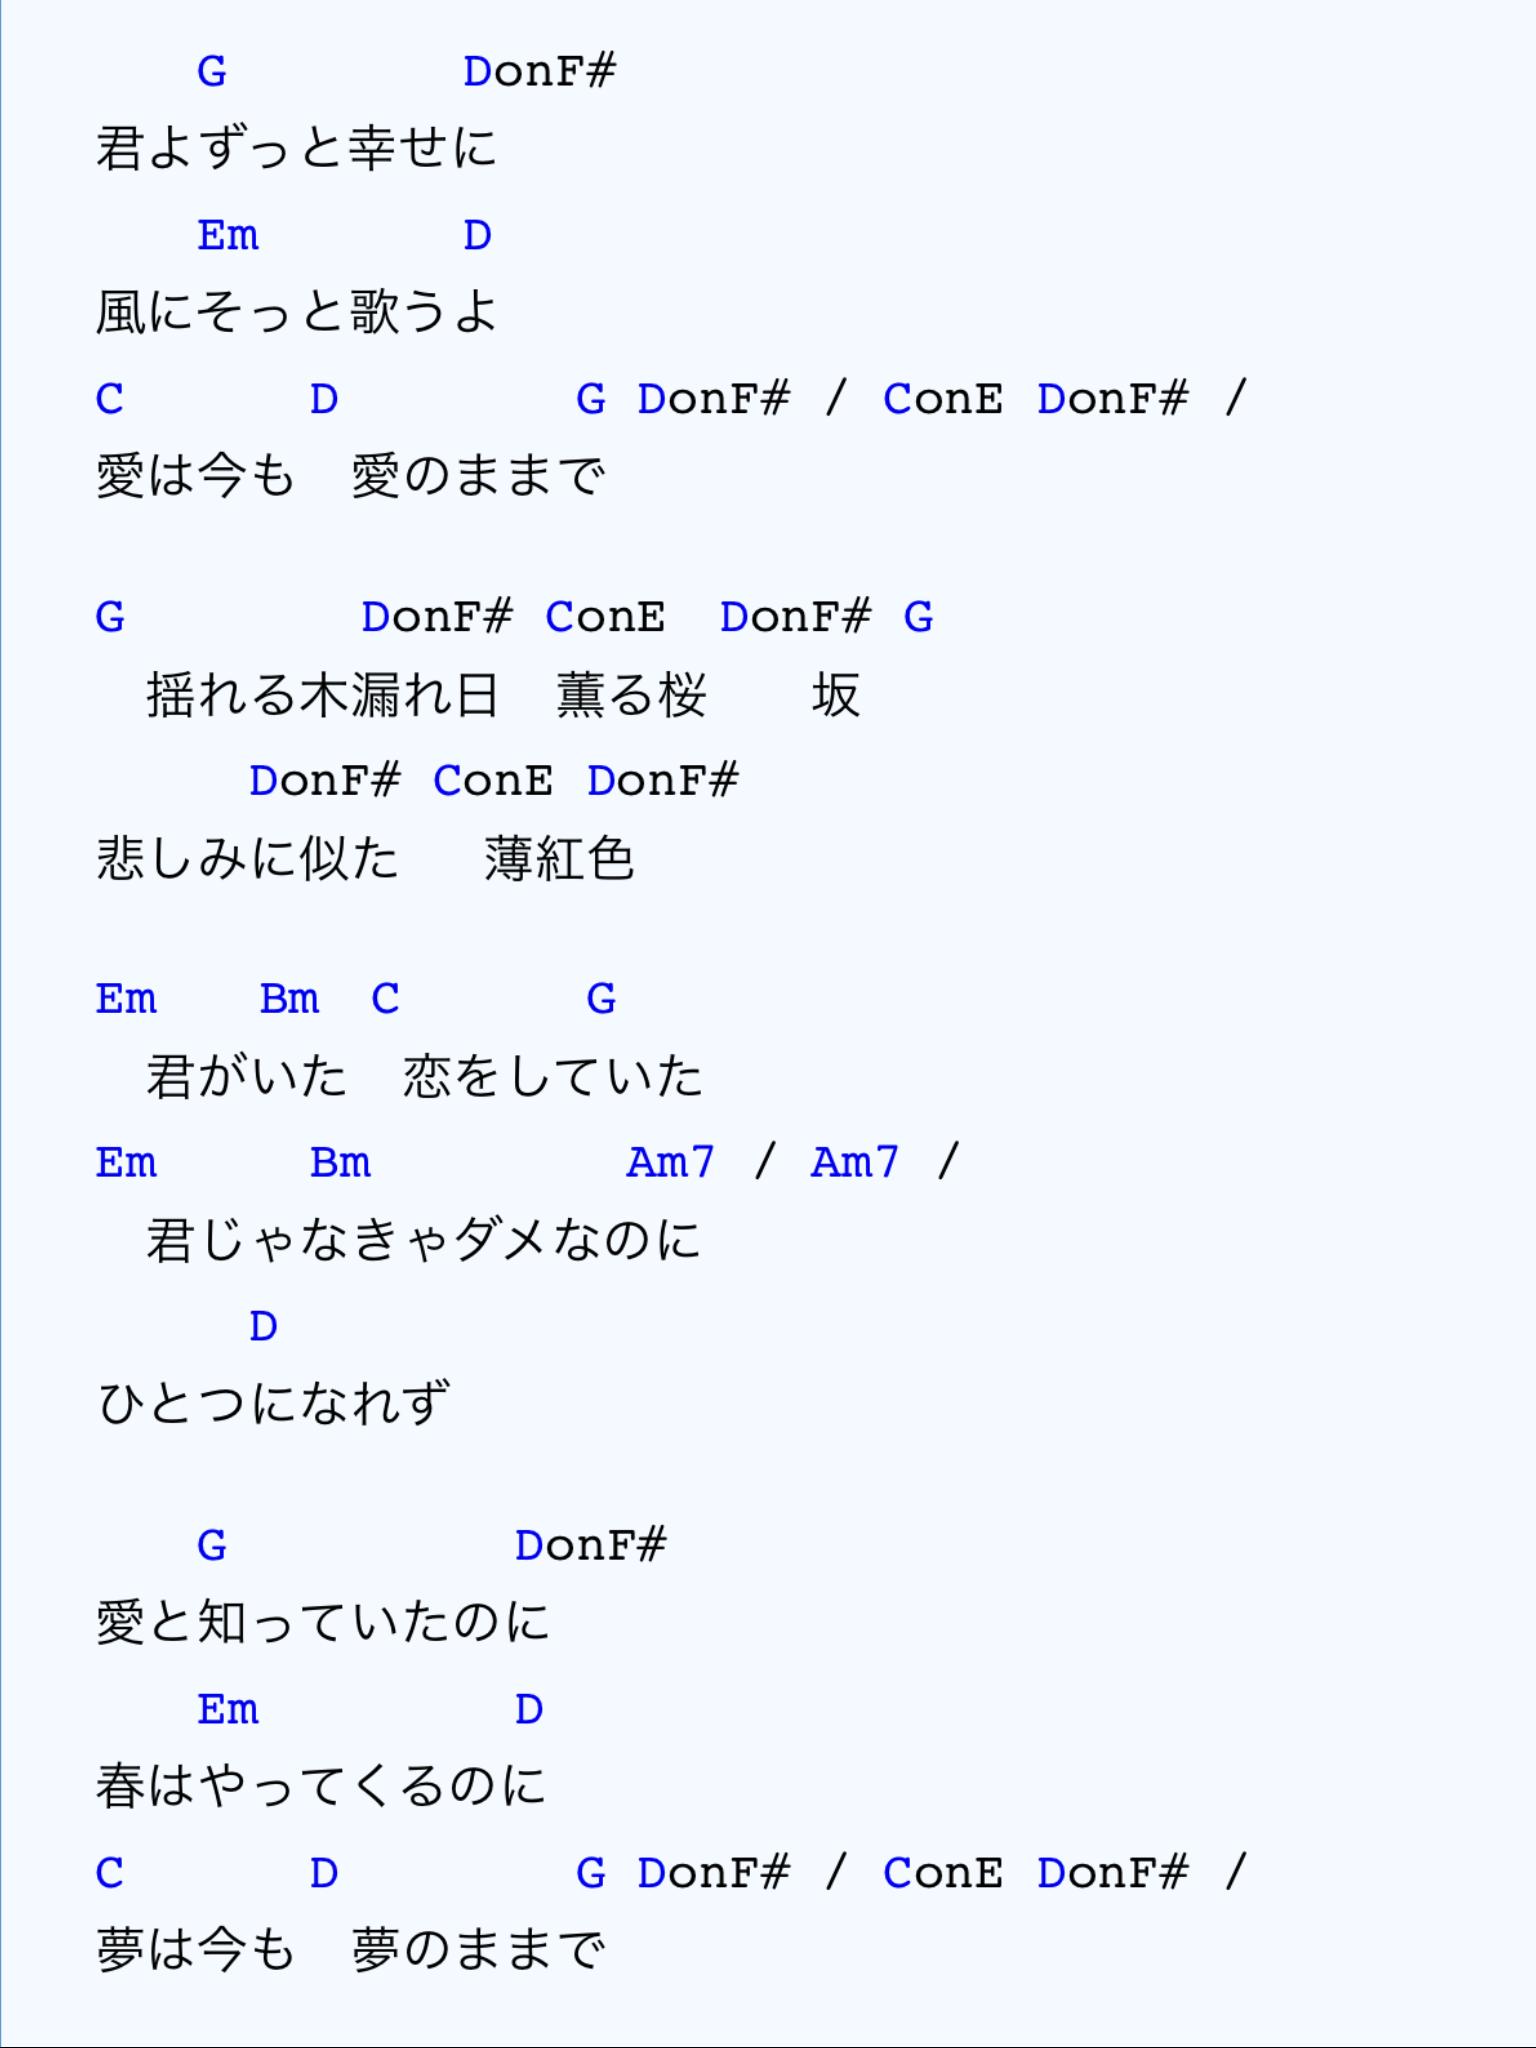 桜坂 (福山雅治)  人気曲♪_a0165183_12475889.png